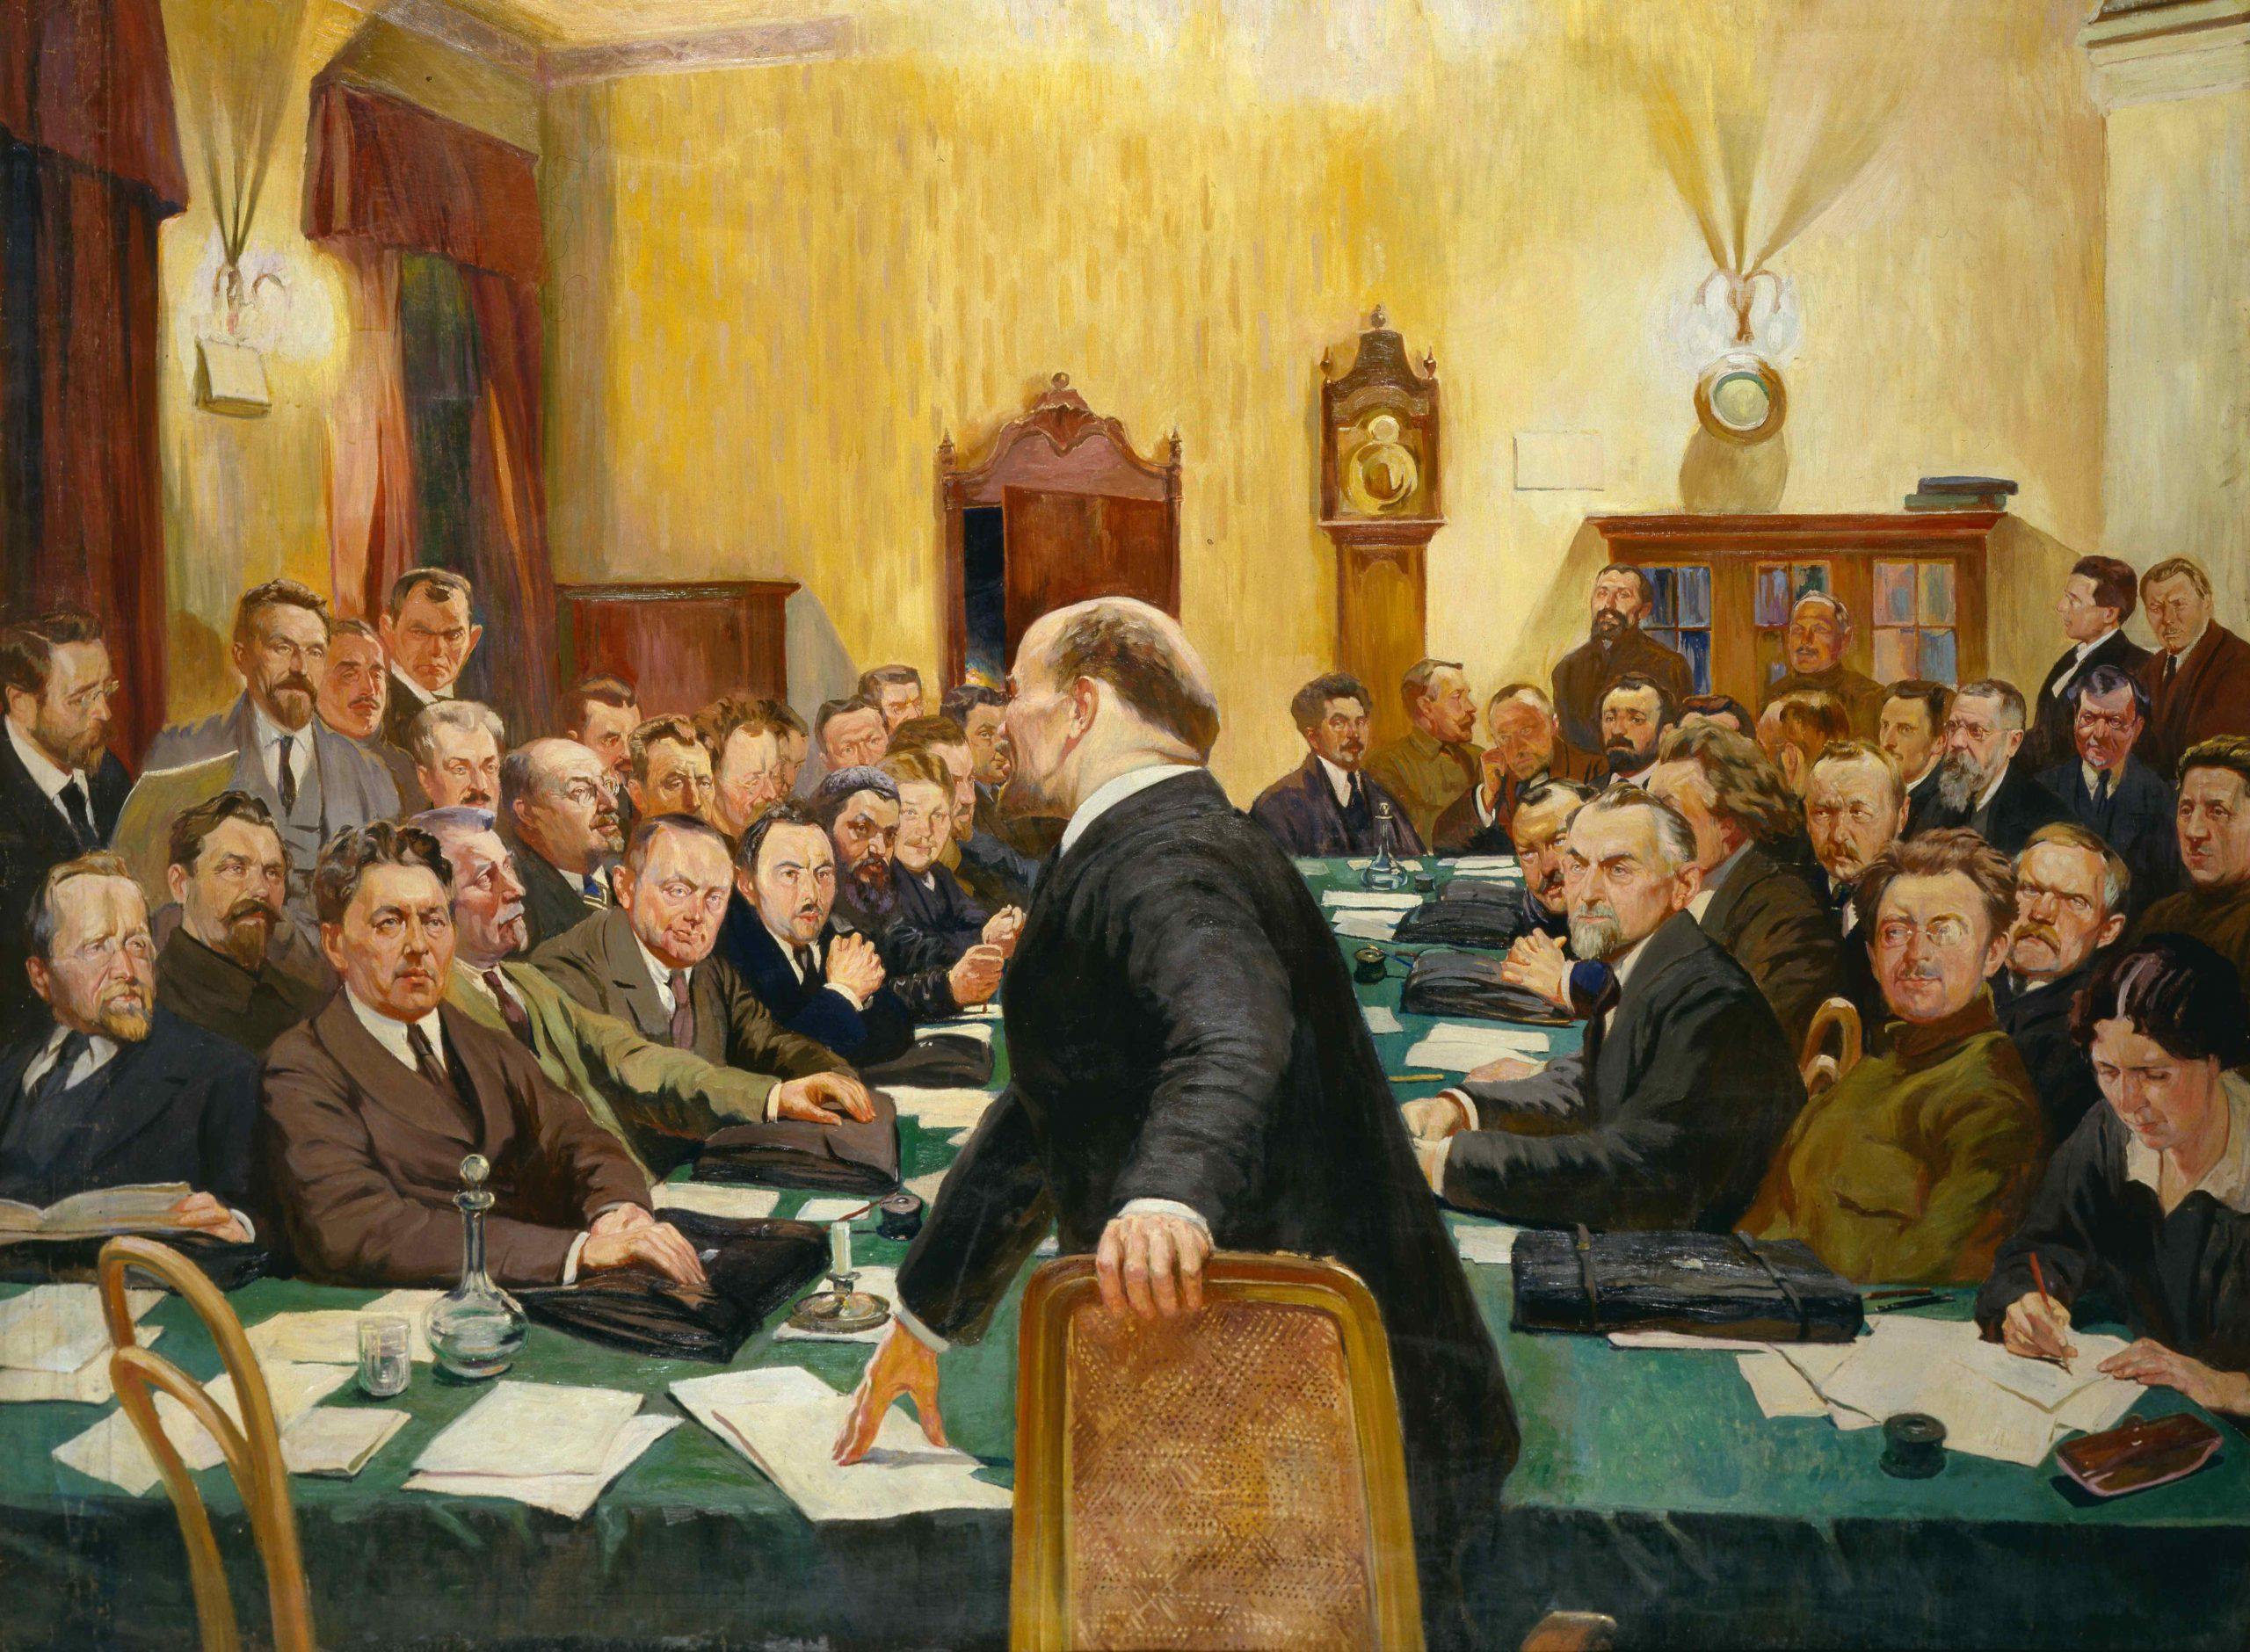 Картина «Заседание Совета Народных комиссаров под председательством В.И. Ленина» («Последнее заседание Совнаркома с В.И. Лениным»)